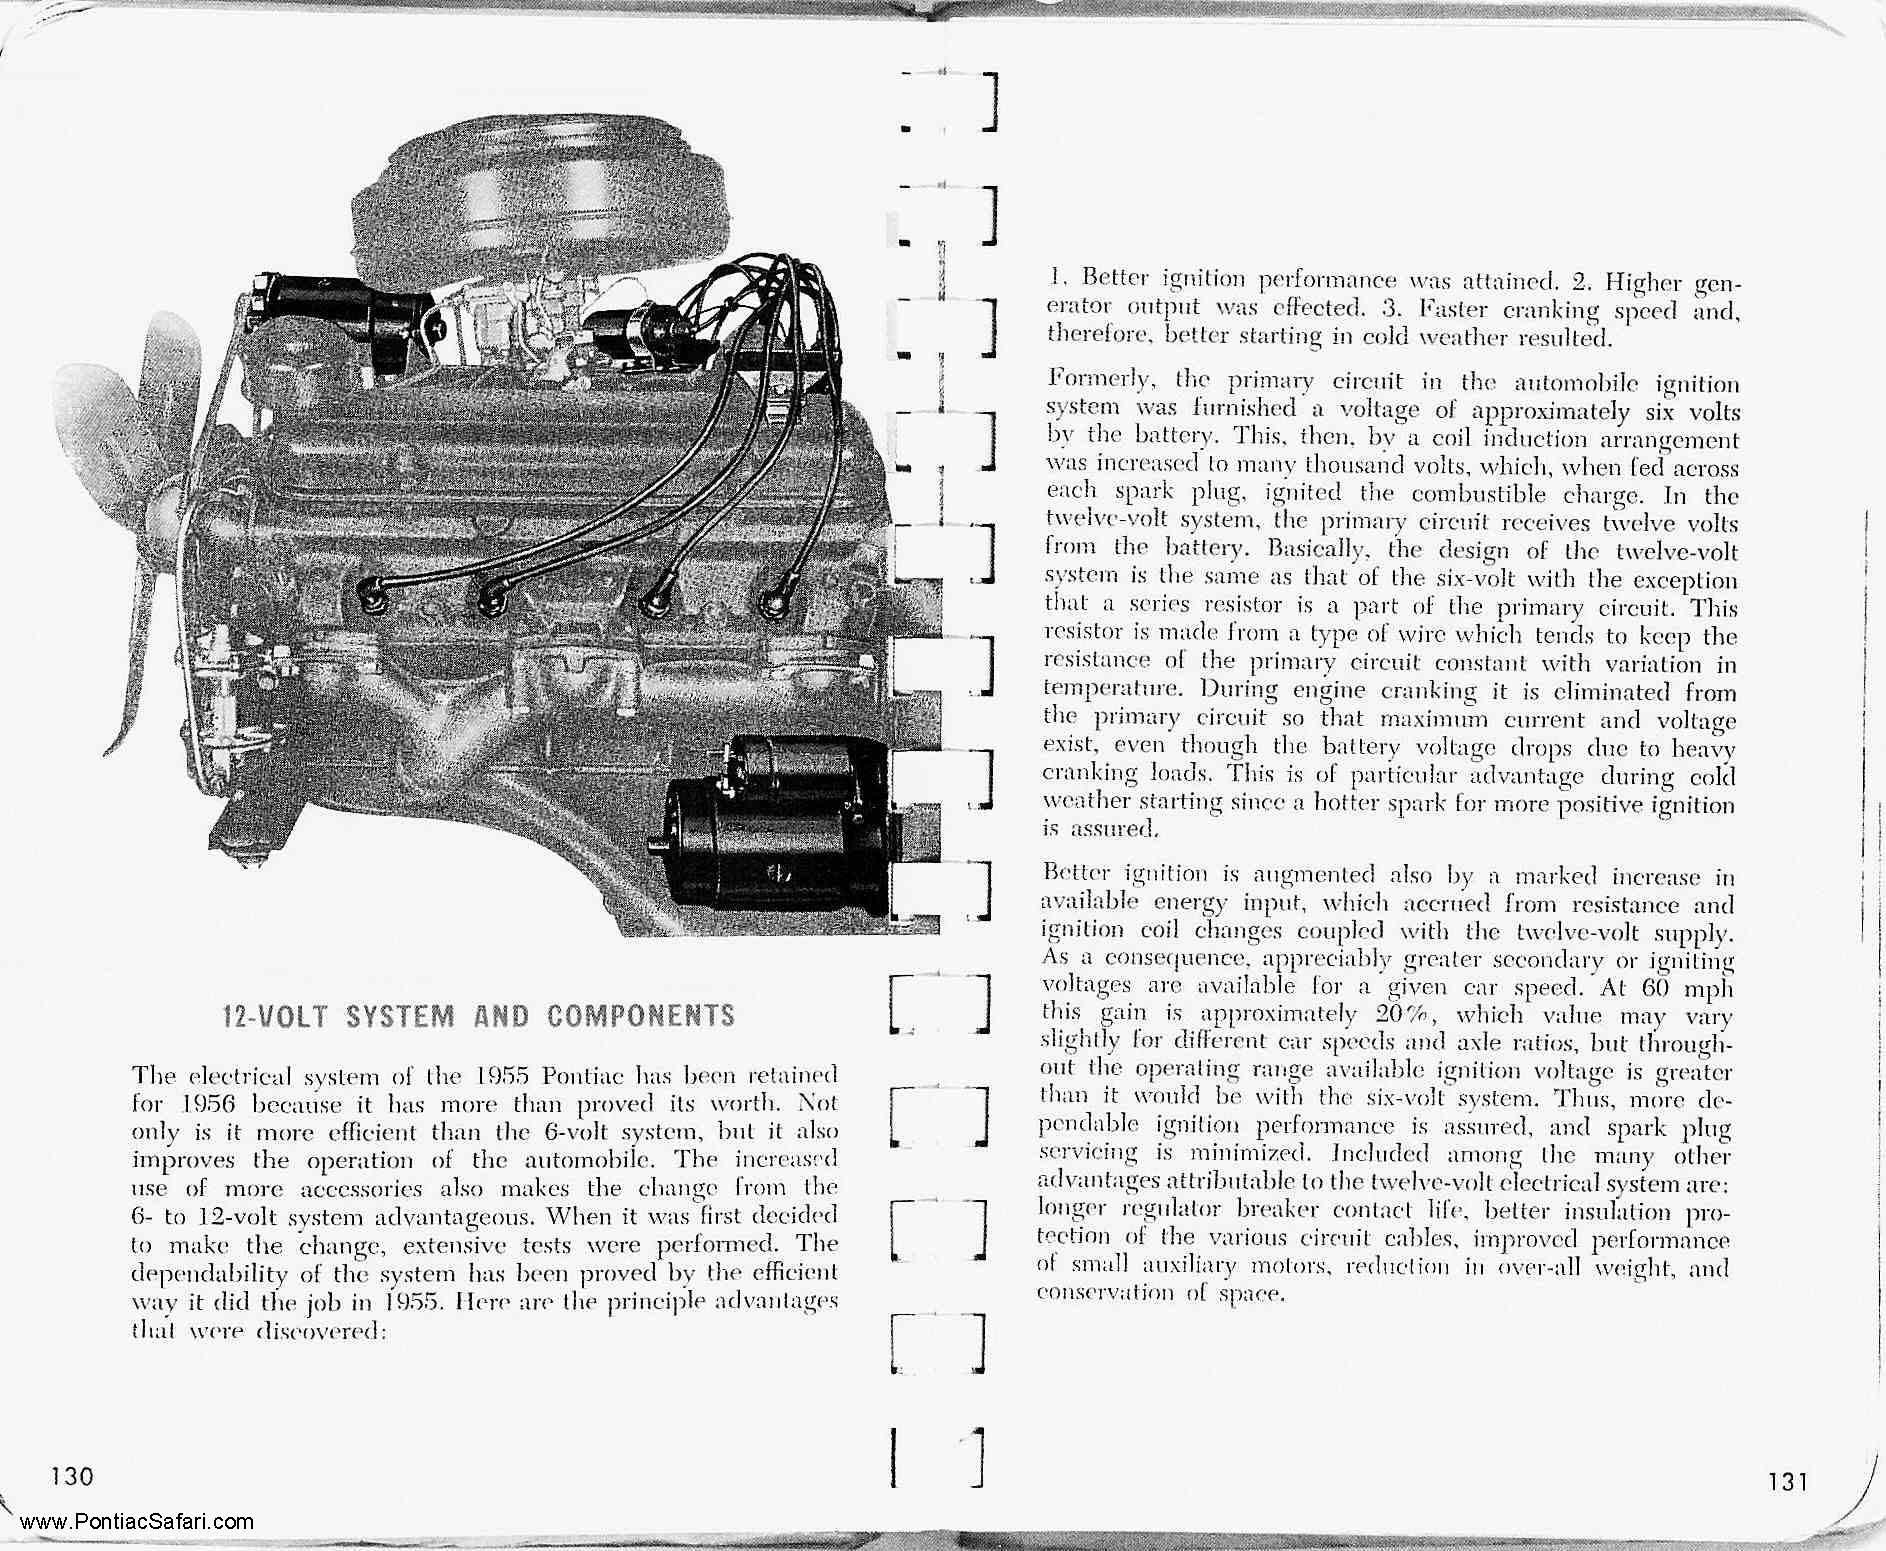 Directory Index: Pontiac/1956_Pontiac/1956_Pontiac_Facts_Book